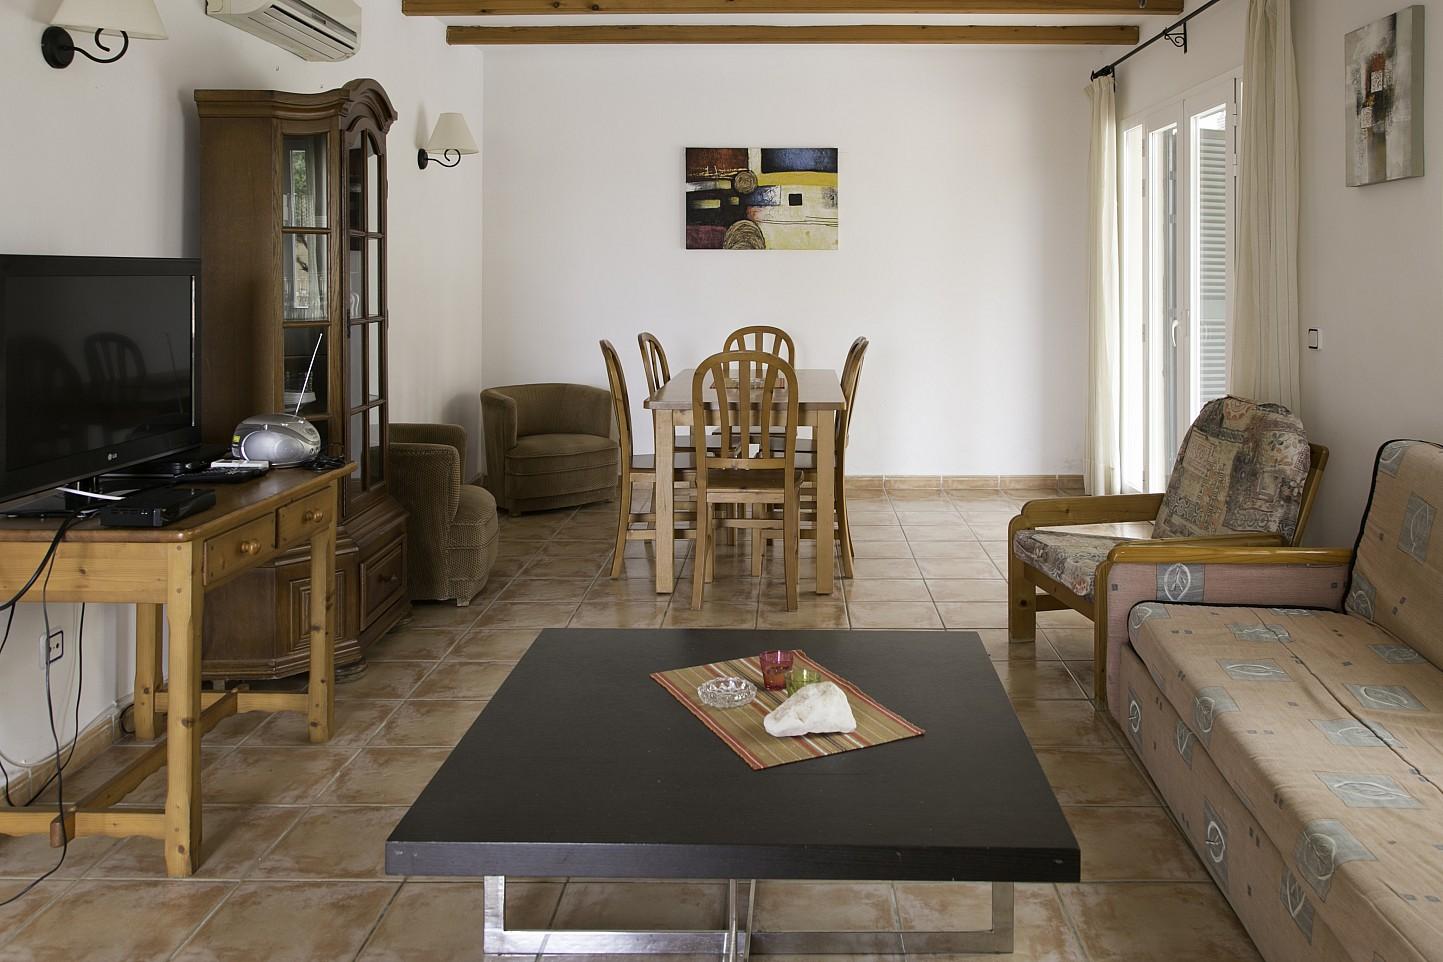 Saló menjador d'una casa en venda a Villas de Cala Romántica, Mallorca